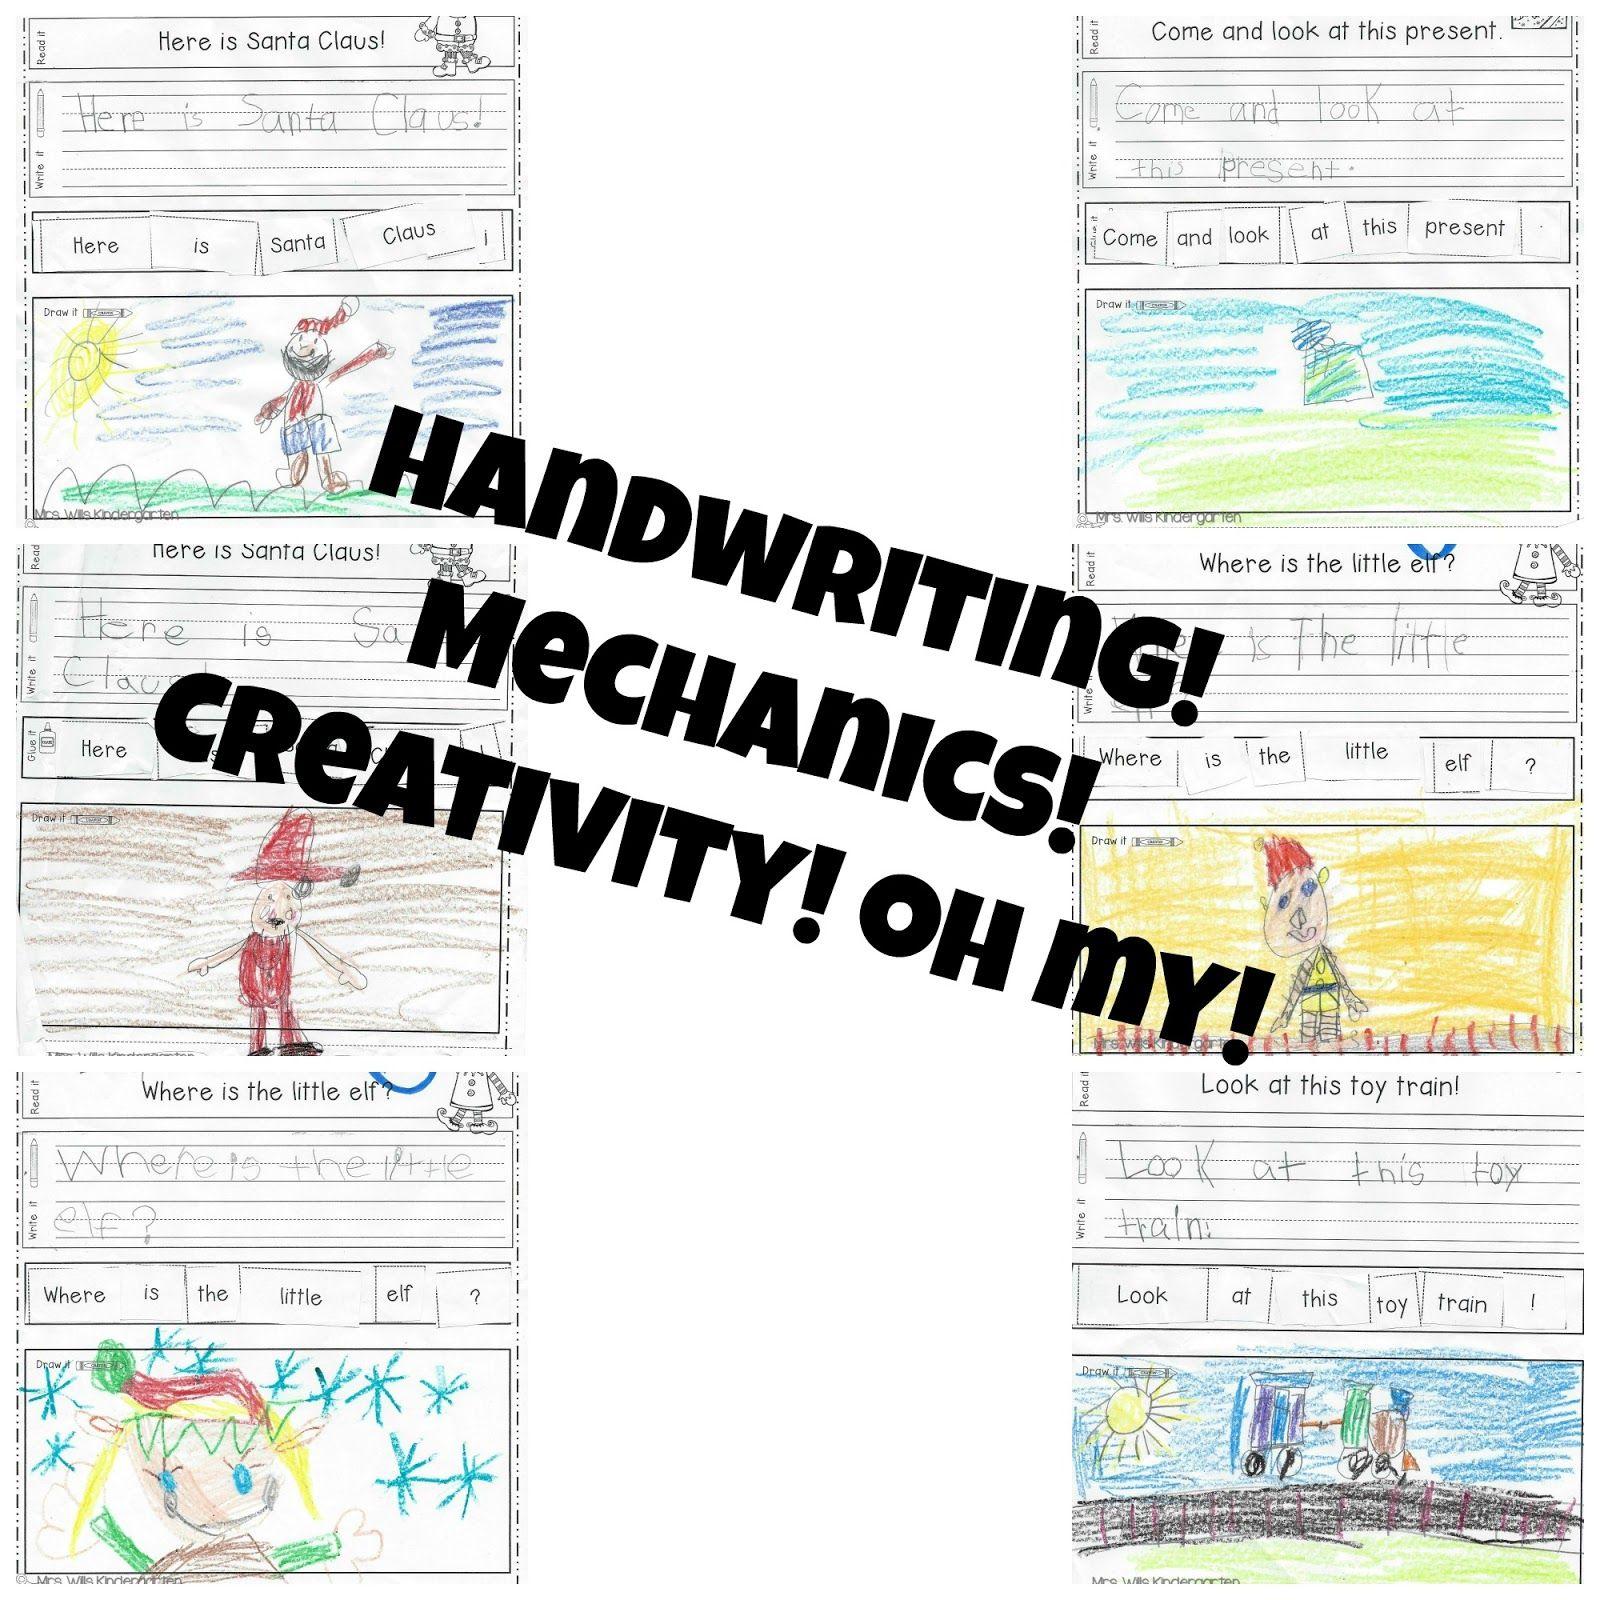 Handwriting Mechanics Creativity Oh My Daily Sentence